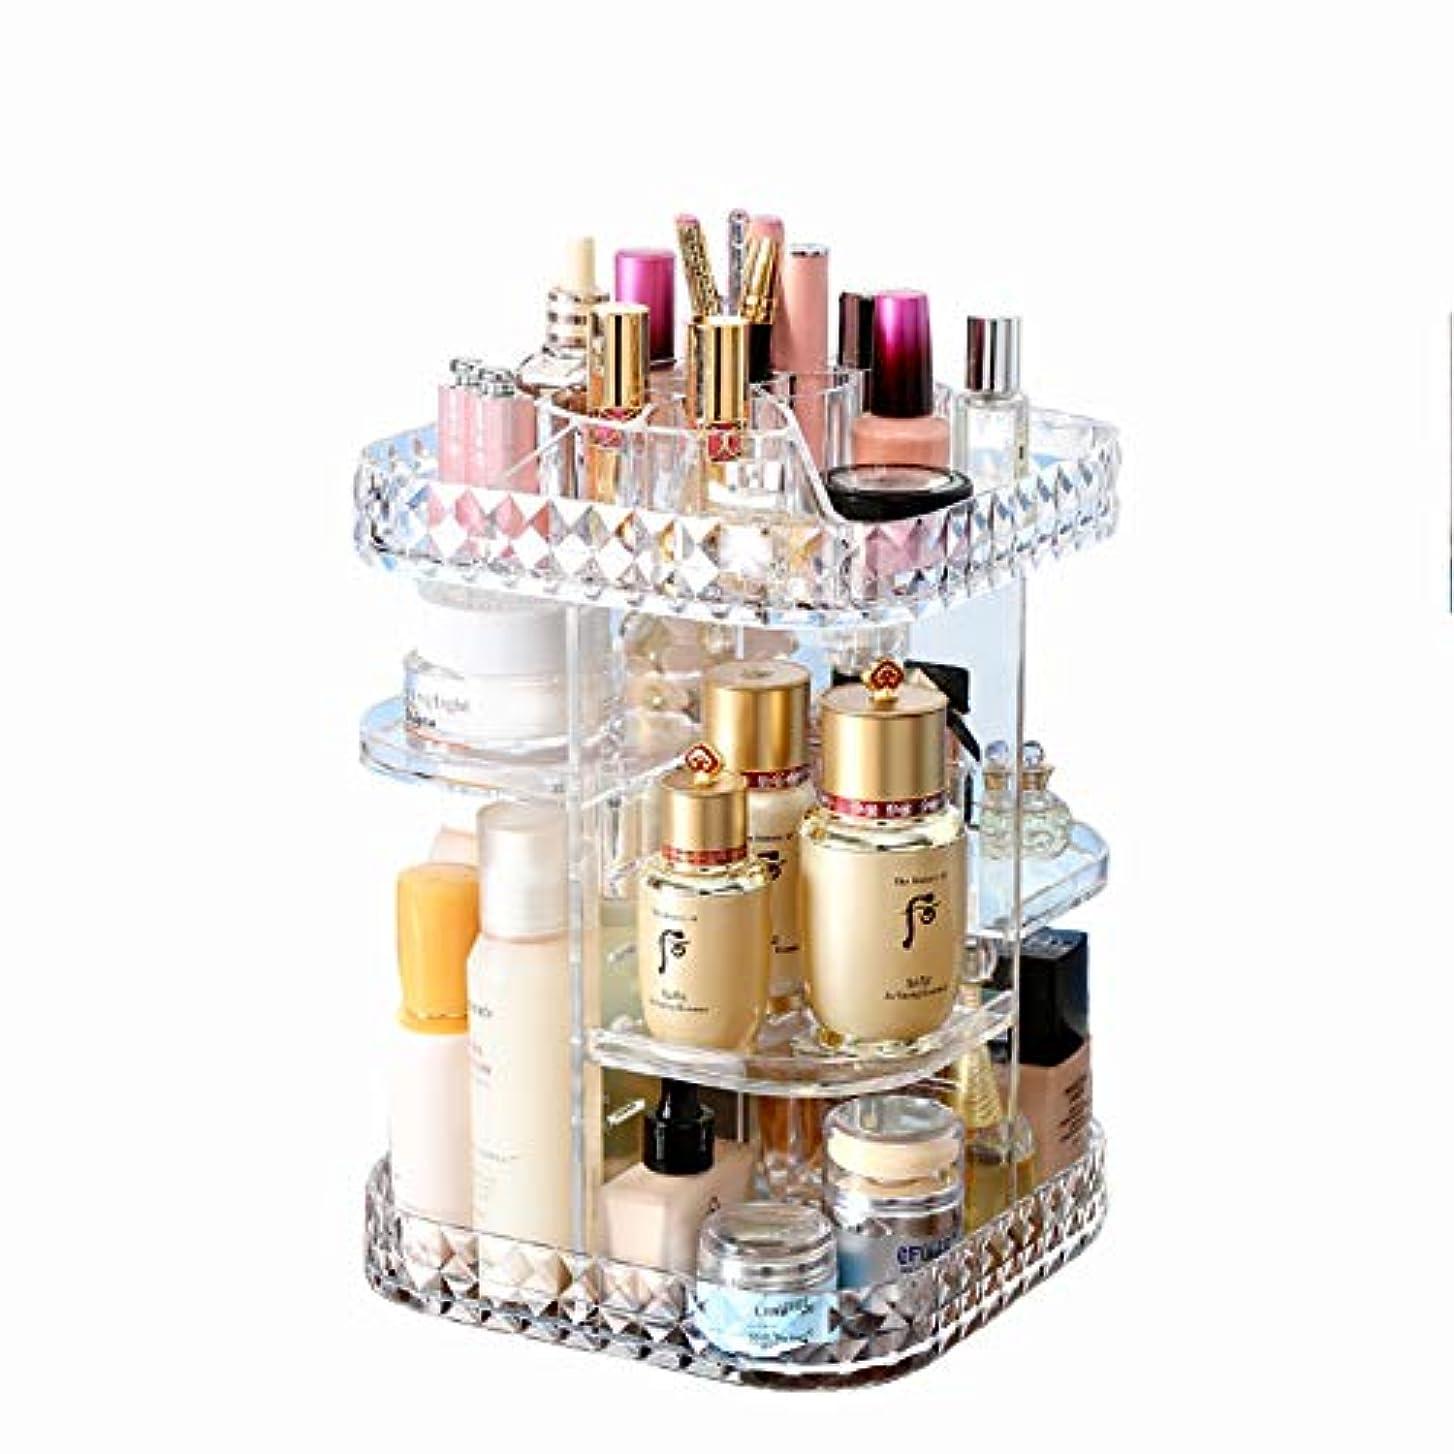 義務的あなたは不潔化粧品収納ボックス 360℃回転式 高さ調節可能 高品質 超大容量メイクタワー 透明アクリル製 ダイヤモンドパターン